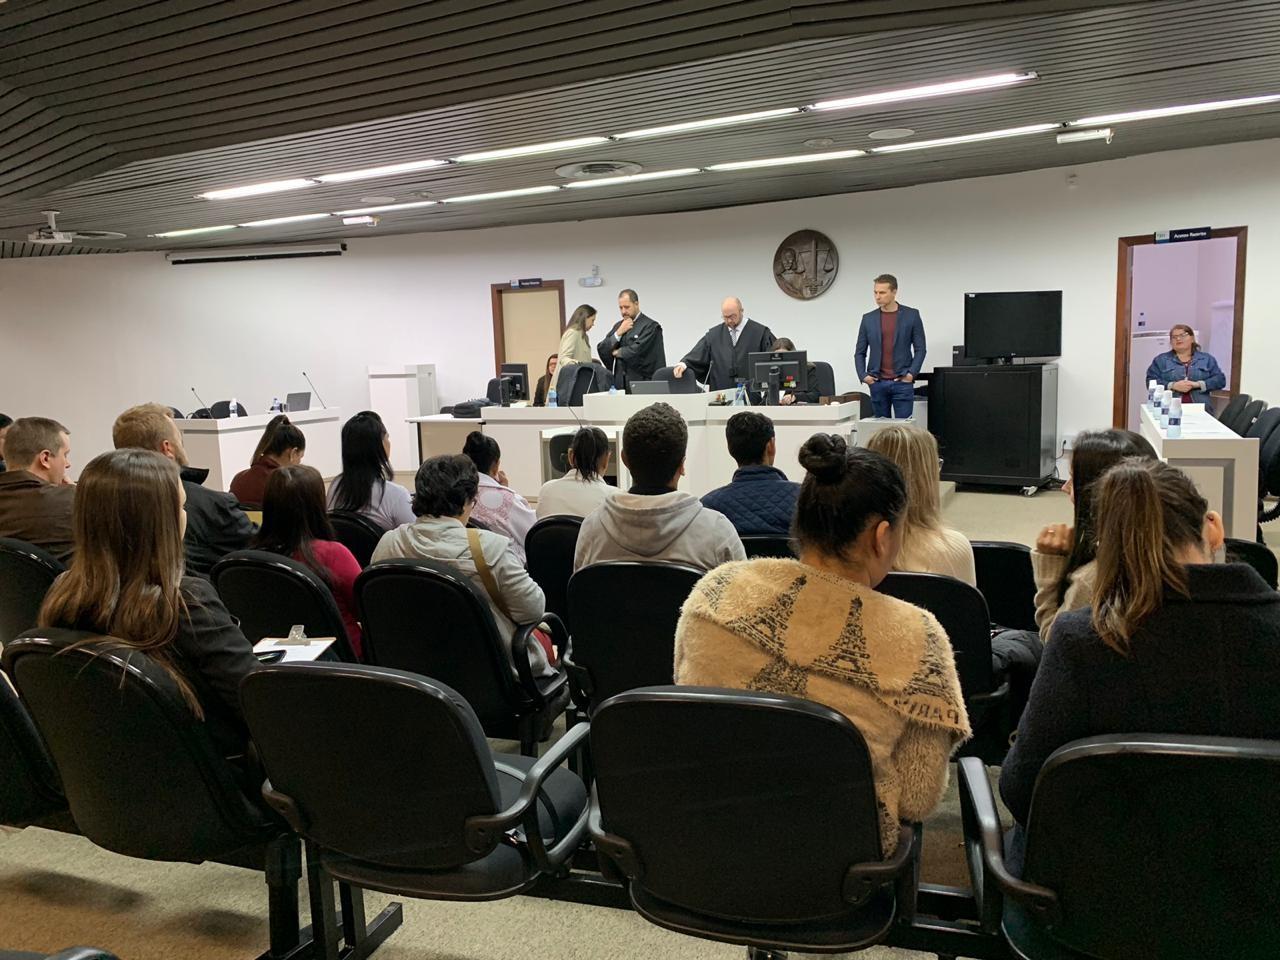 Marido é condenado em júri a 20 anos de prisão por morte de mulher em Jaraguá do Sul  - Notícias - Plantão Diário